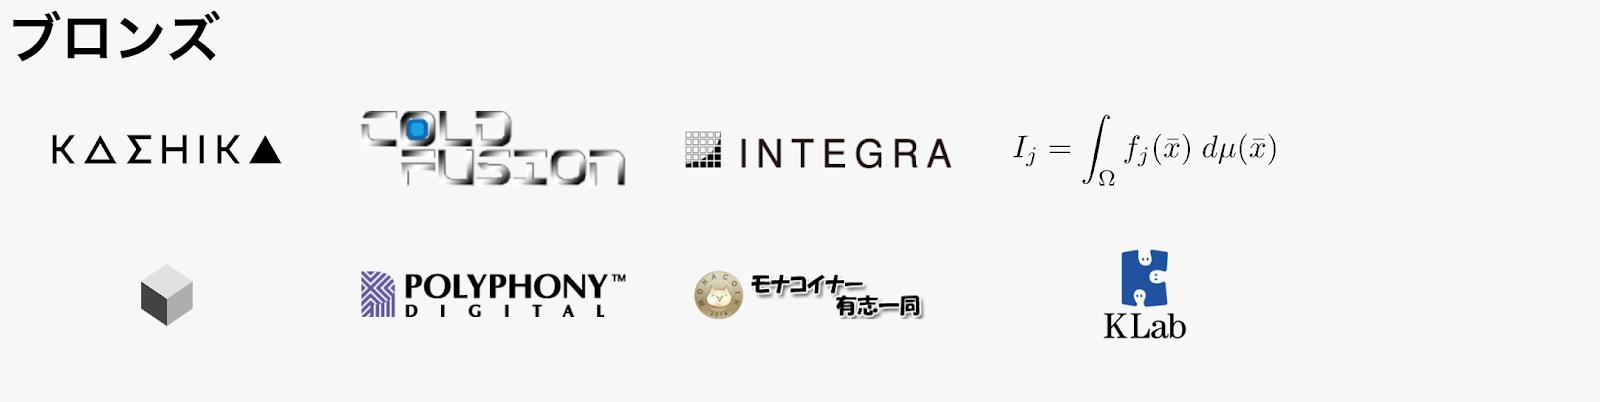 モナコイナー、Tokyo Demo Fest 2018 をブロンズスポンサーとして支援